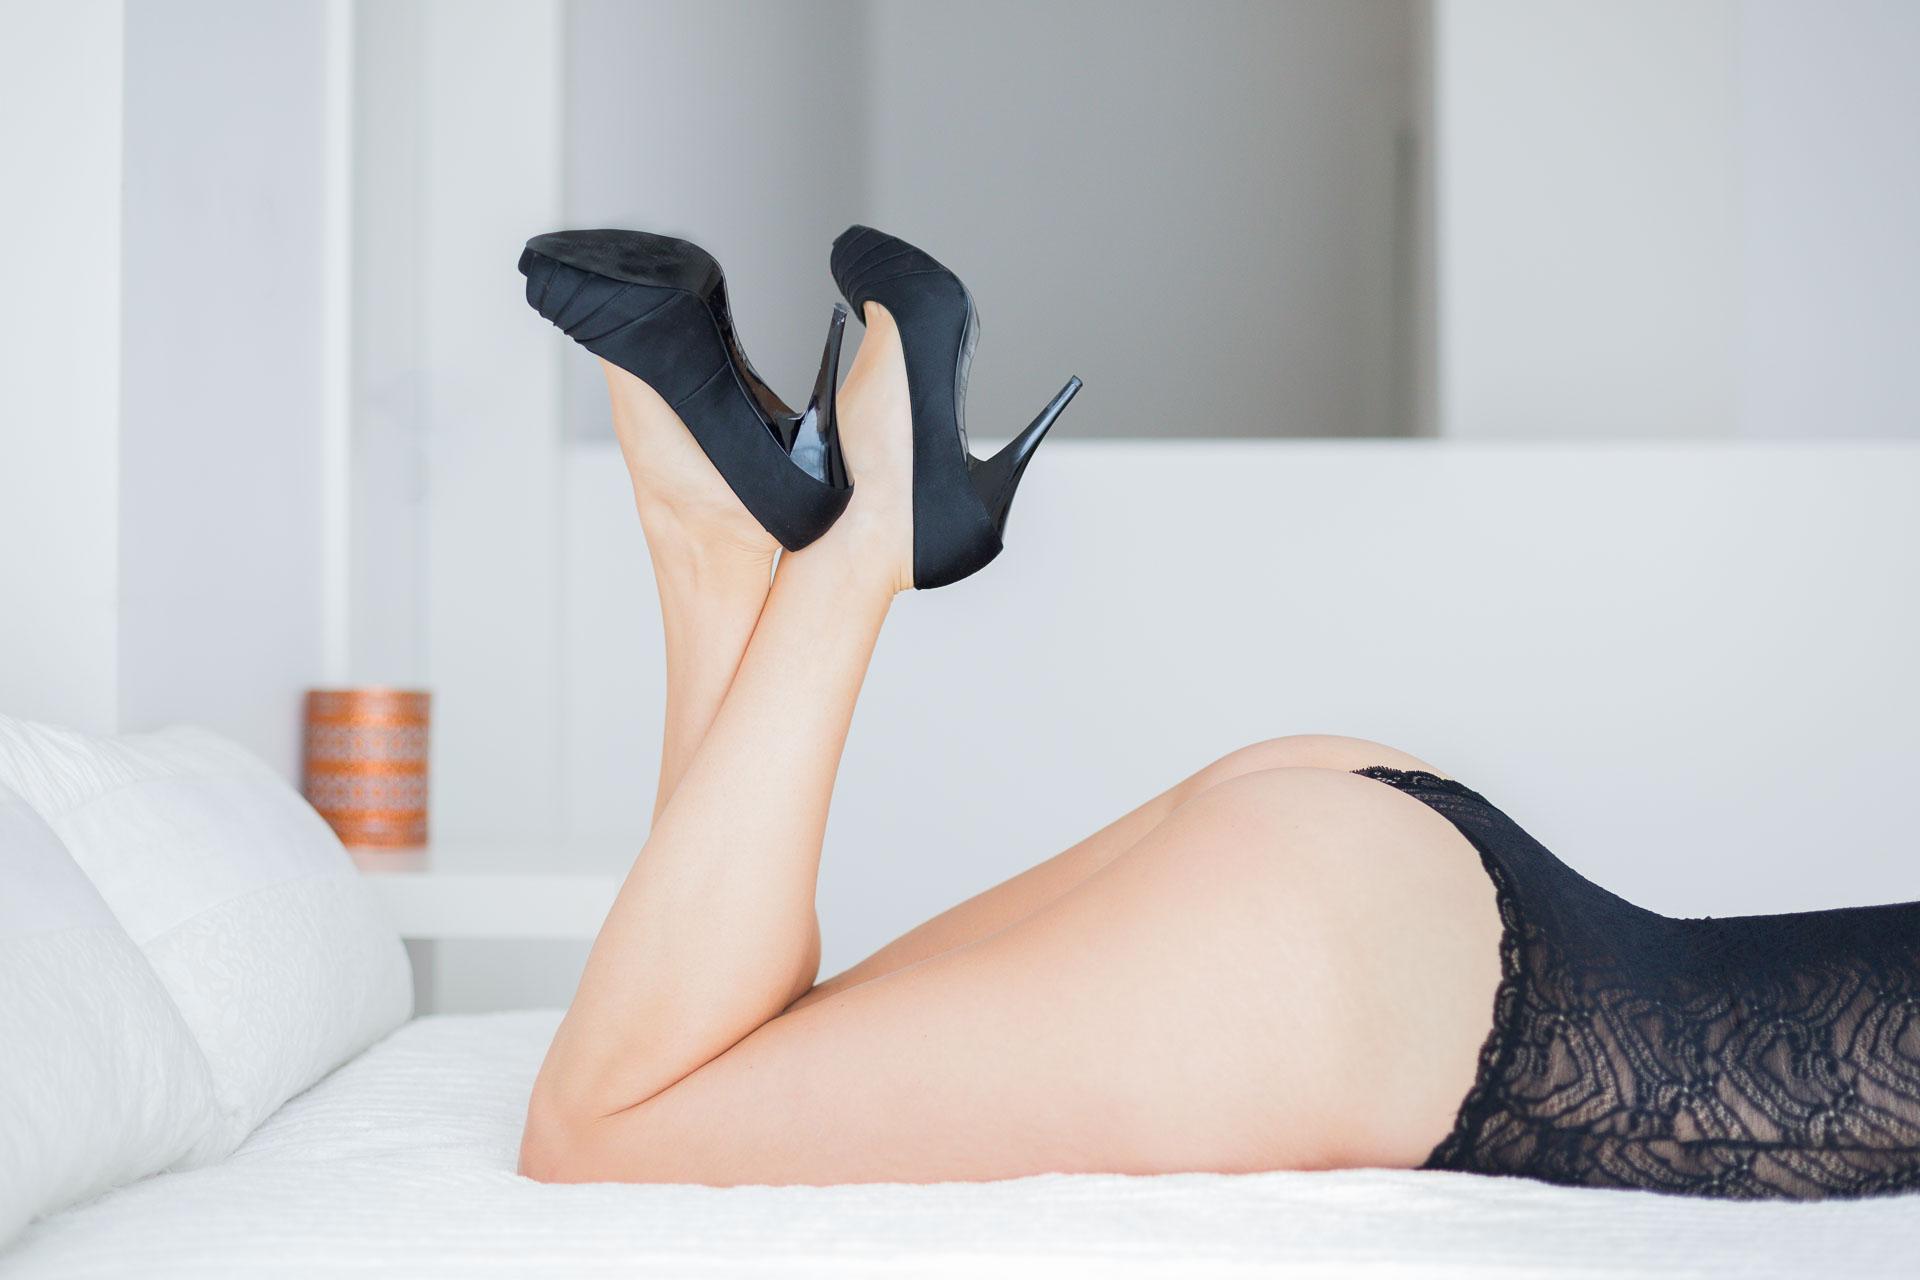 underwear photoshoot ideas